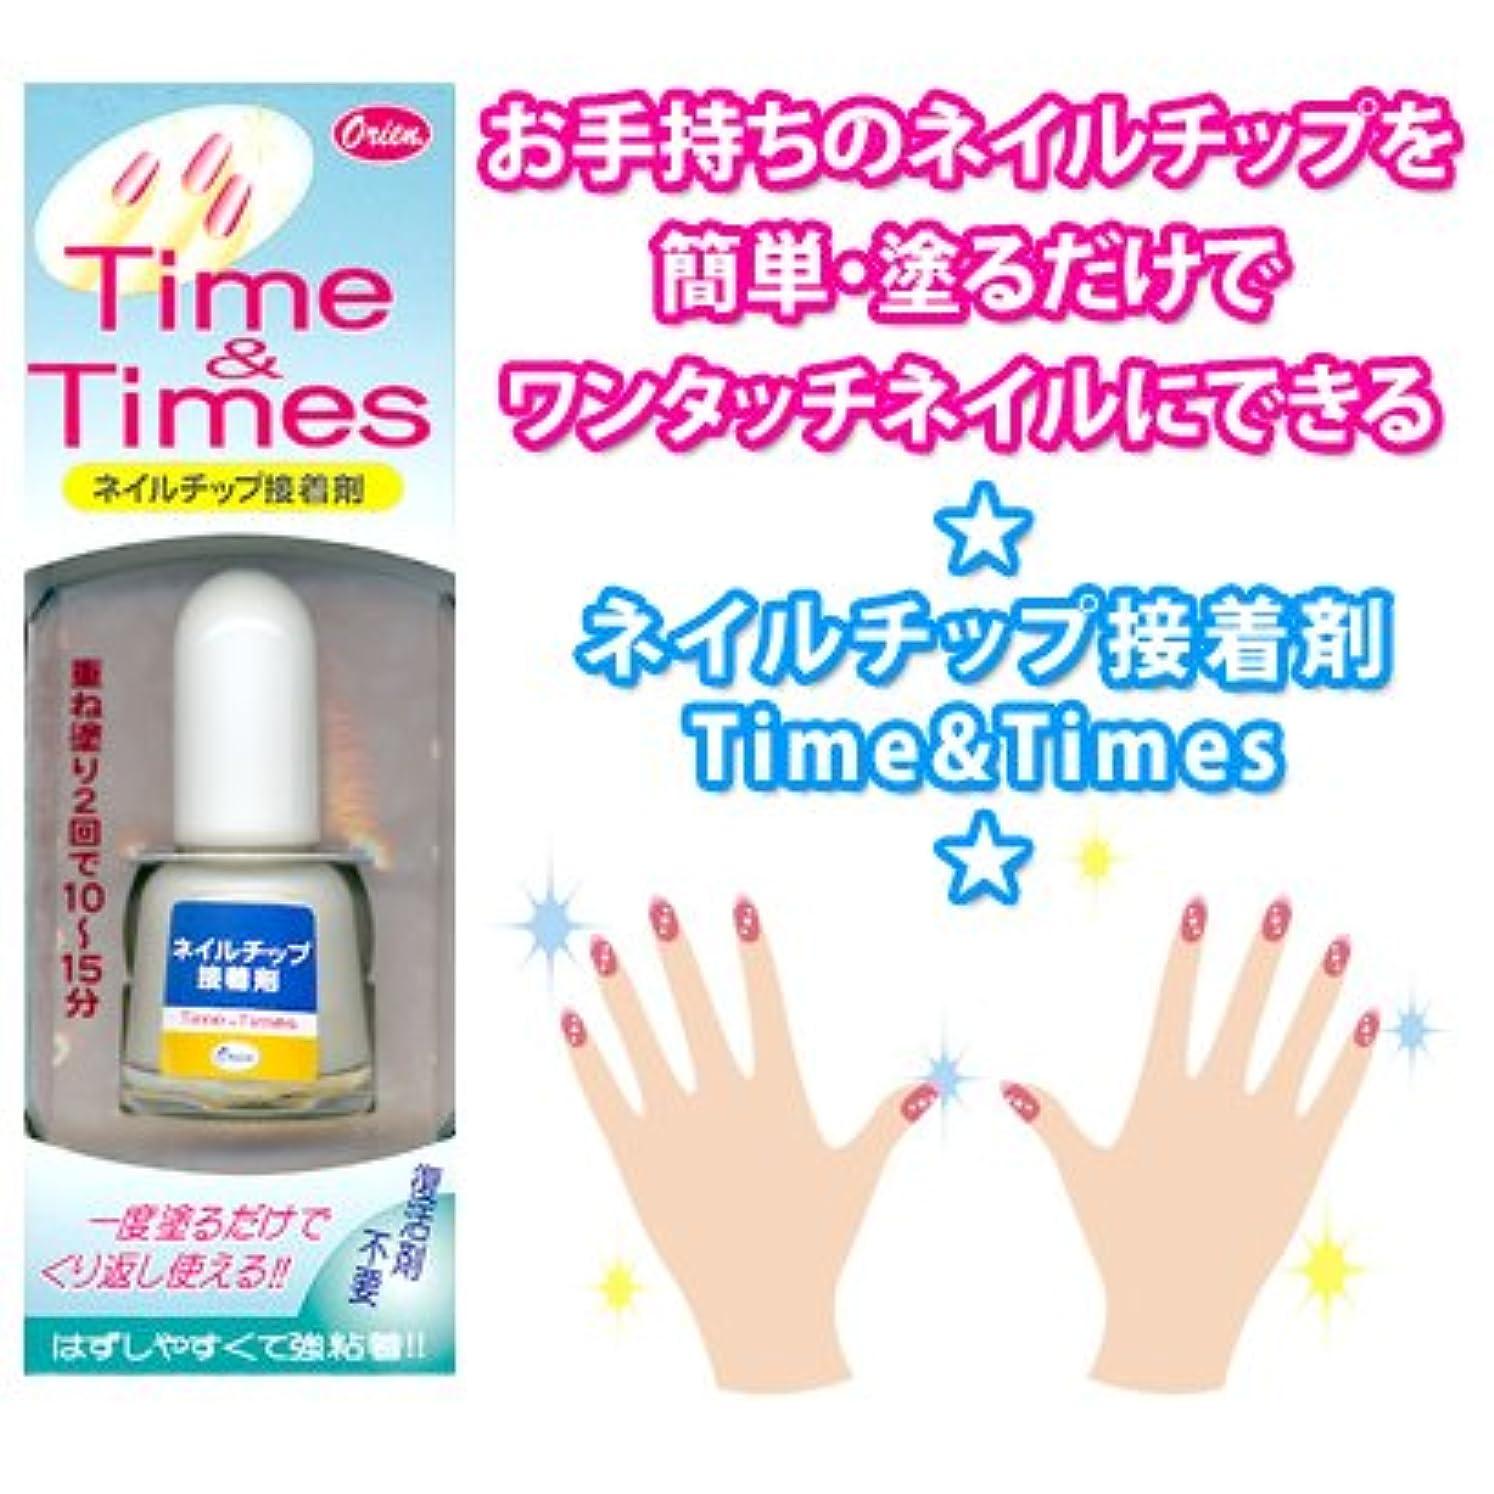 アマチュア震え日記Time&Times (タイム&タイムズ) ネイルチップ接着剤